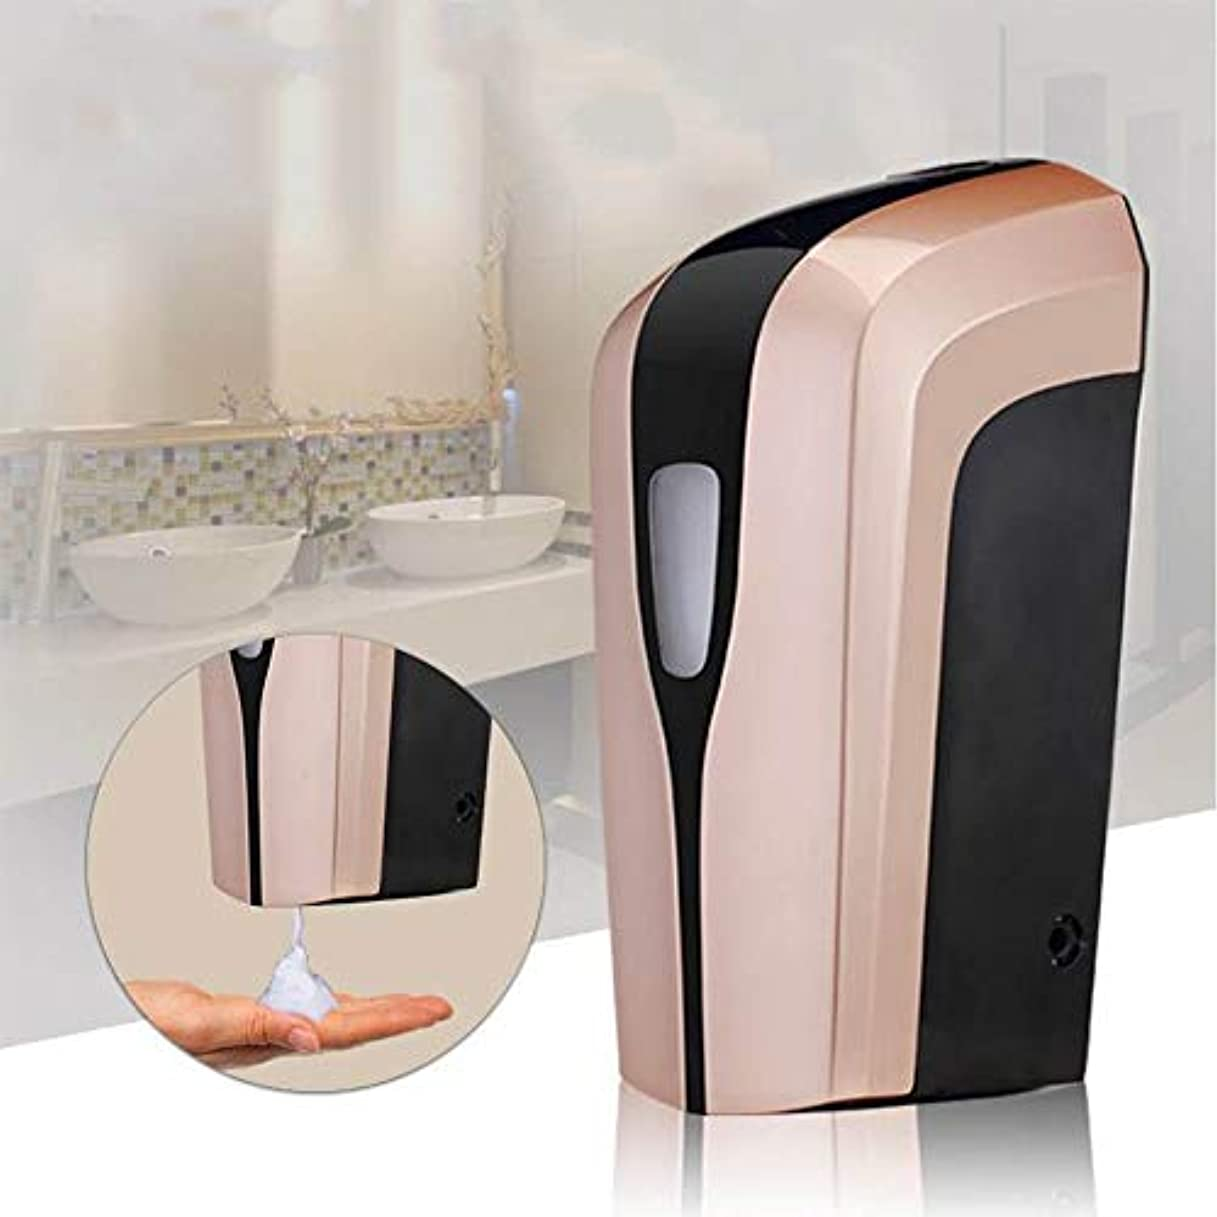 狂うしゃがむフィドルソープディスペンサー 400ミリリットル容量の自動ソープディスペンサー、タッチレスバッテリーは電動ハンドフリーソープディスペンサーを運営しました ハンドソープ 食器用洗剤 キッチン 洗面所などに適用 (Color : Local...